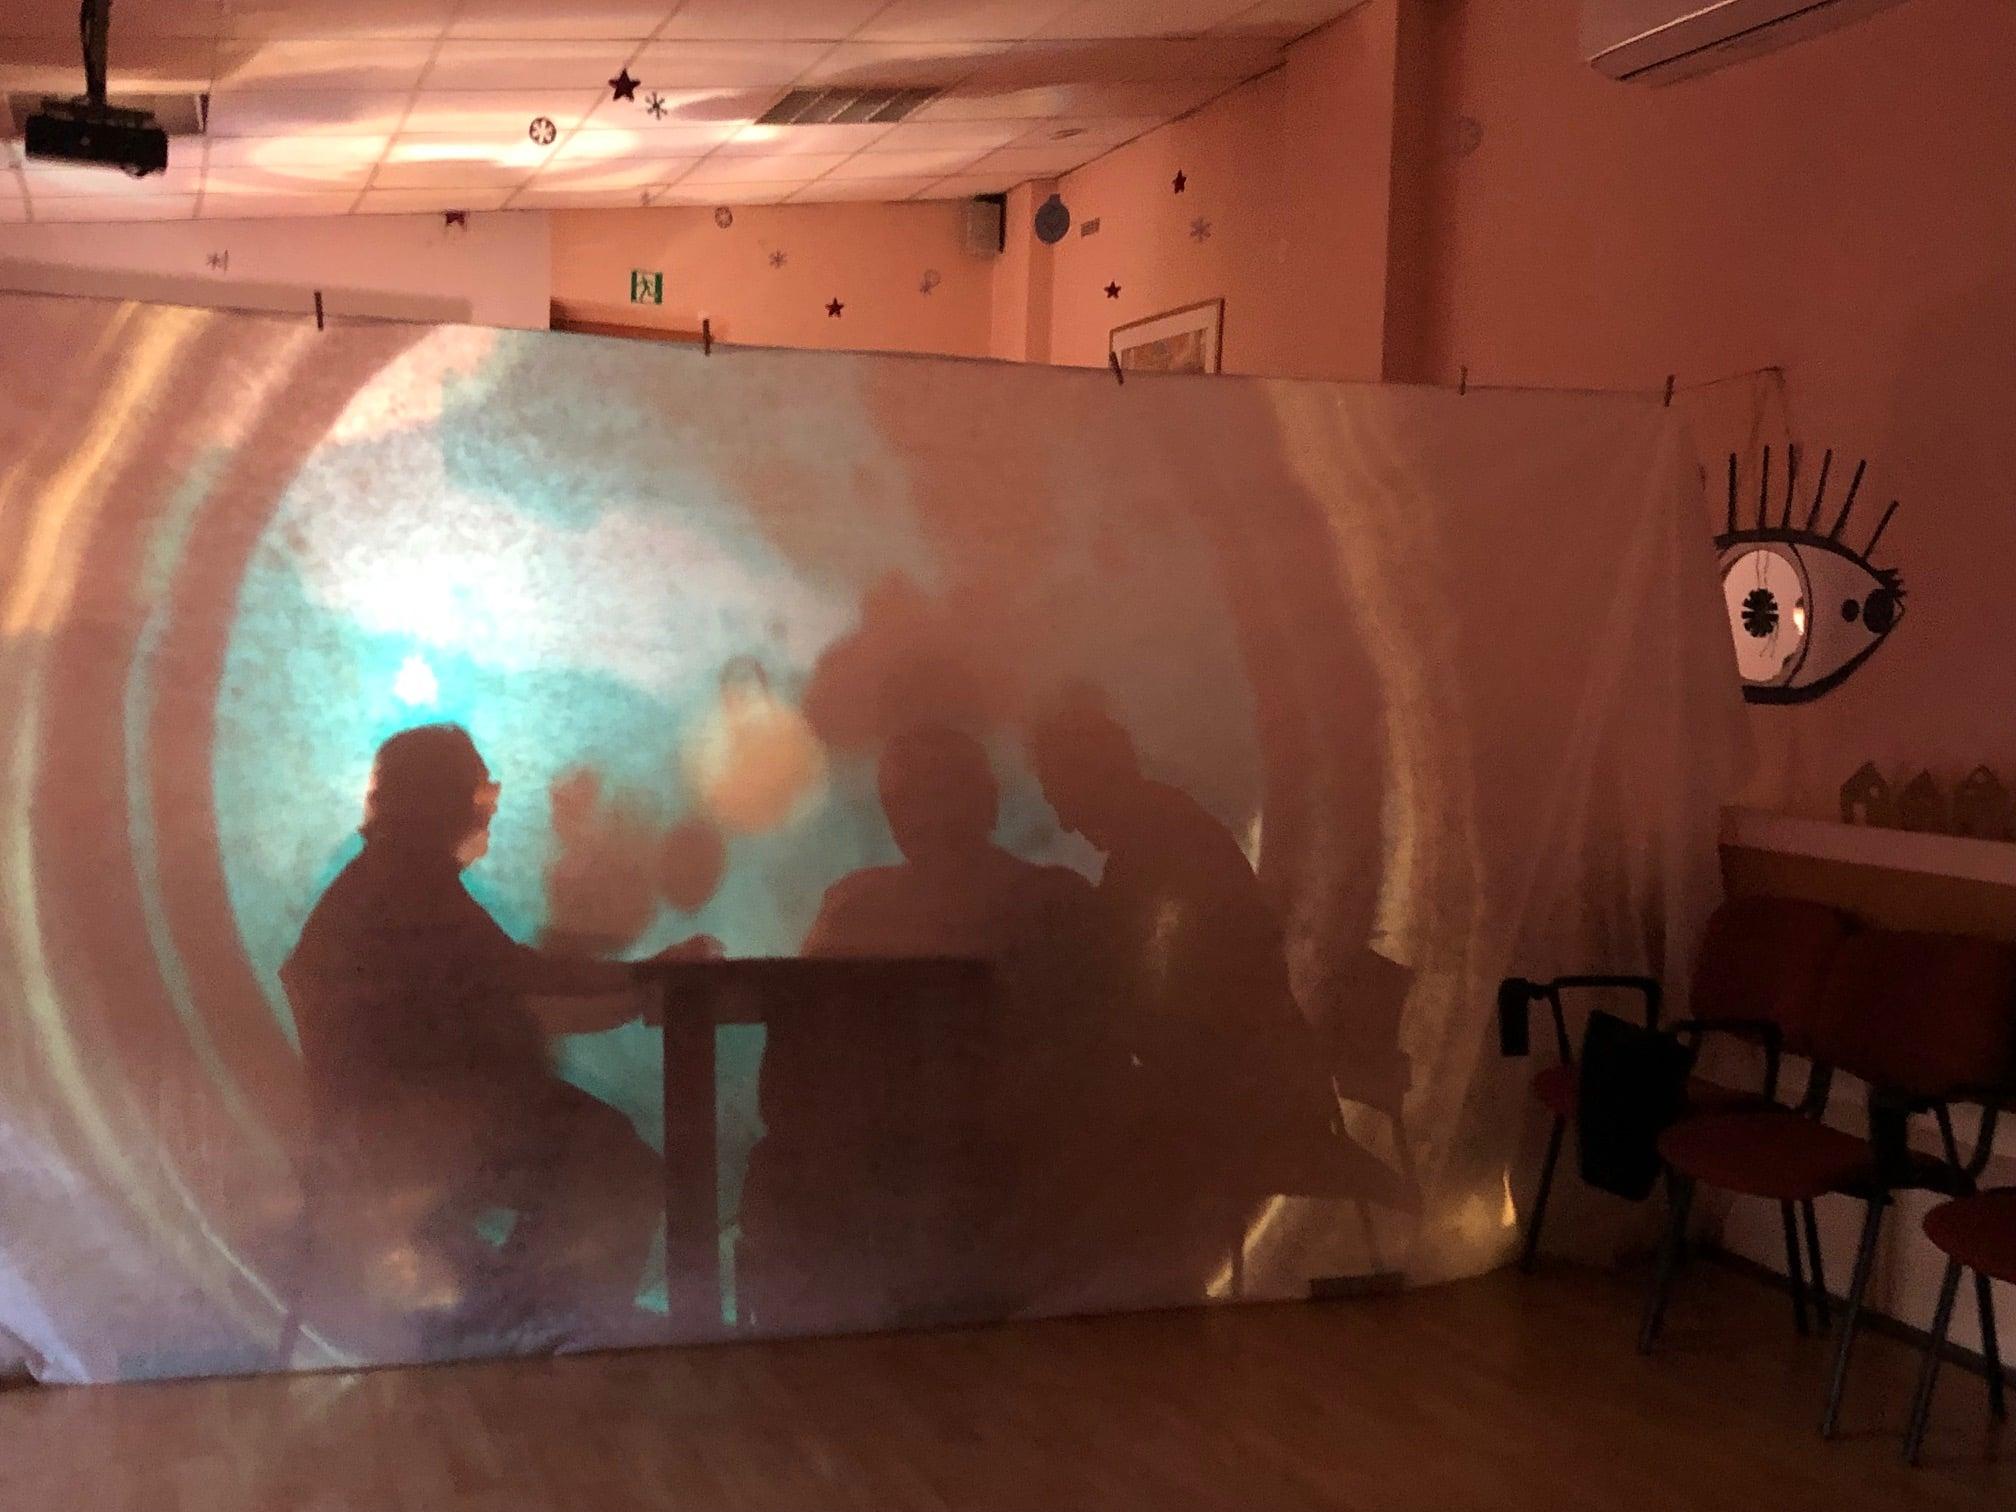 Teatr Cieni z seniorami w reżyserii Wojciecha Chowańca. Na zdjęciu próba filtrów na materiał do teatru cieni.